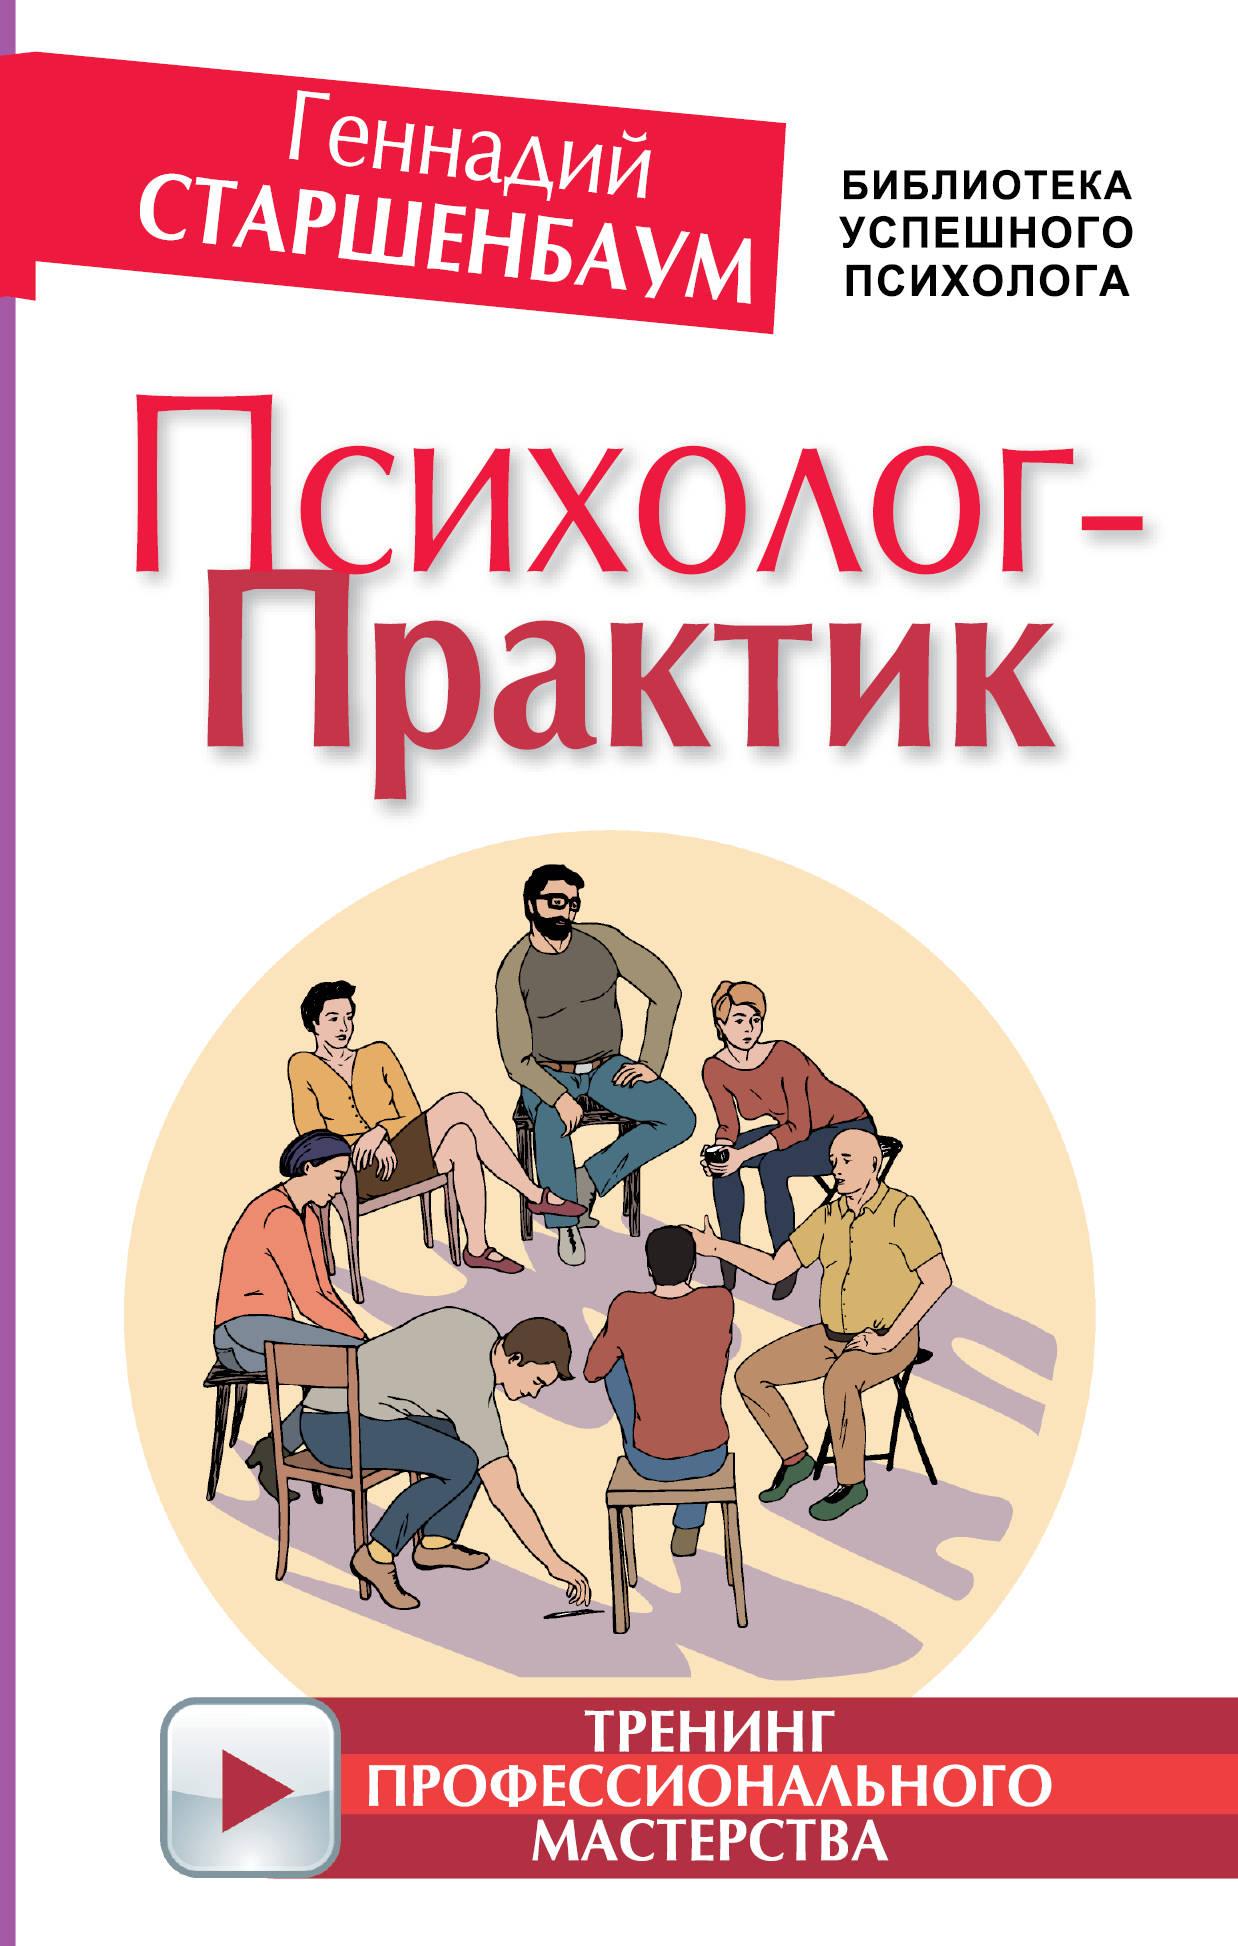 Фото Геннадий Старшенбаум Психолог-практик. Тренинг профессионального мастерства. Купить  в РФ